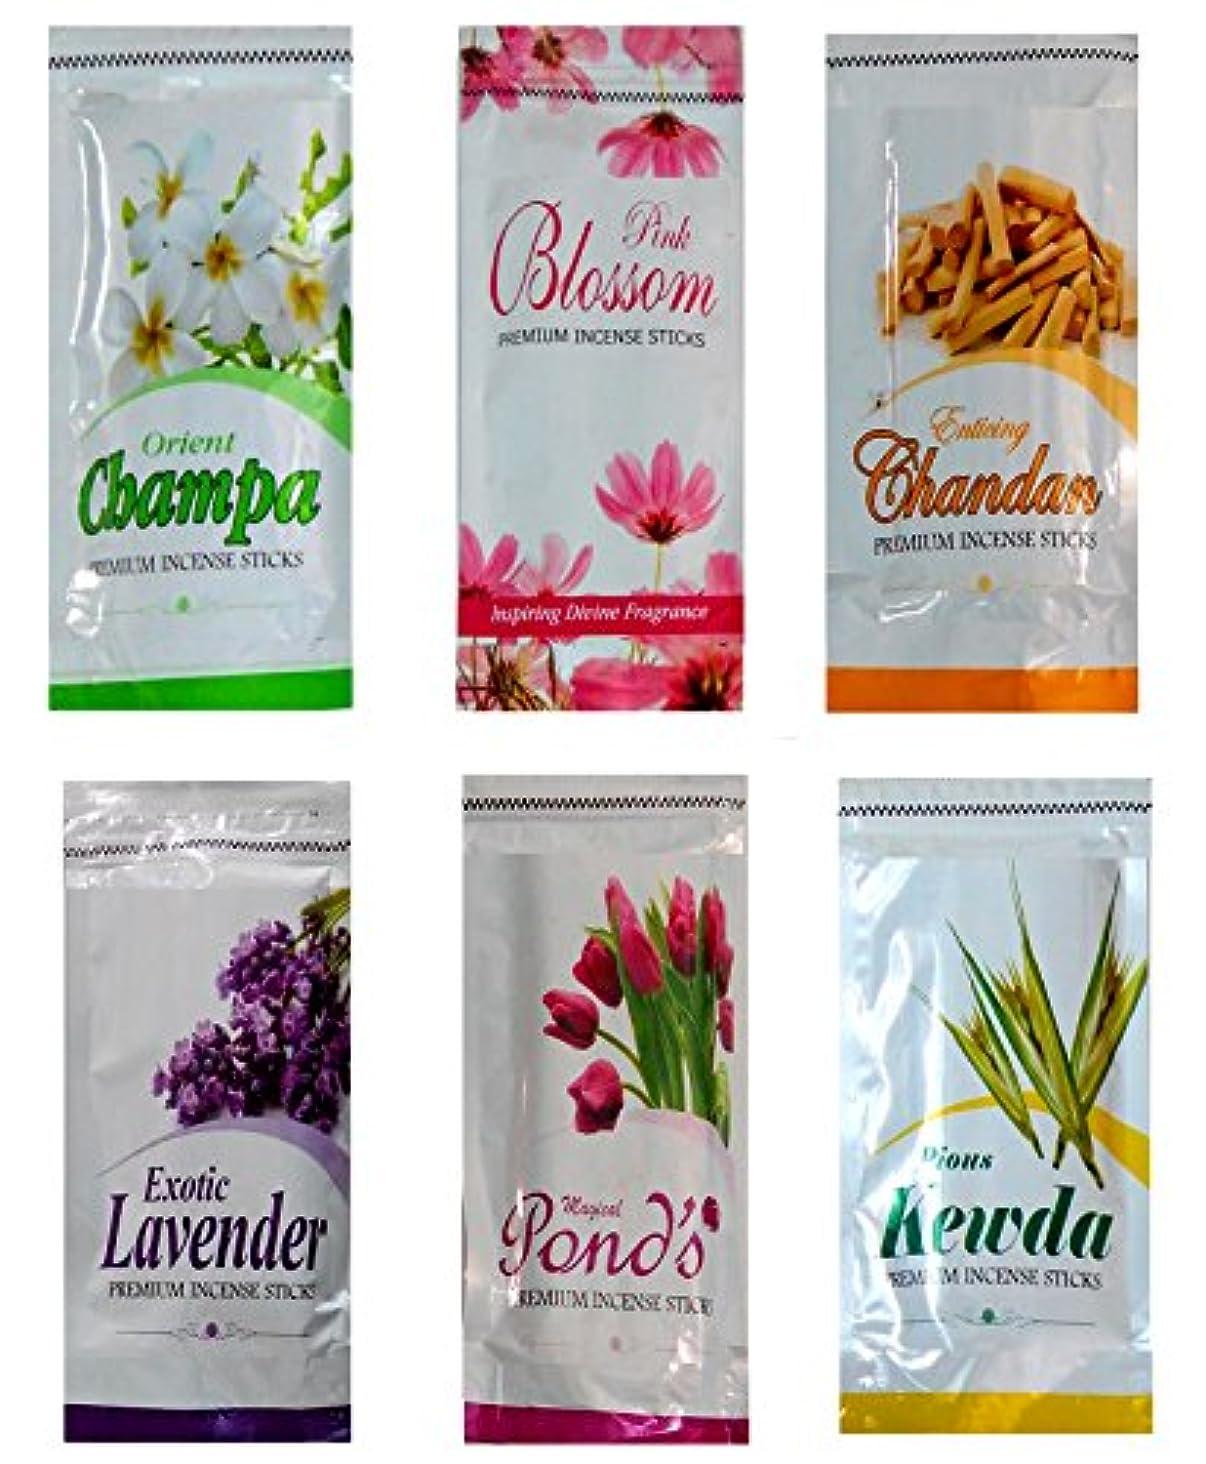 タービンバー潜在的なResealableプレミアム値パックの450 Incense Sticks ,セットof 6香りつき茶魔、Kewda、ラベンダー、池、サンダルウッド& Blossoms – Ayurveda Chakra Aroma...